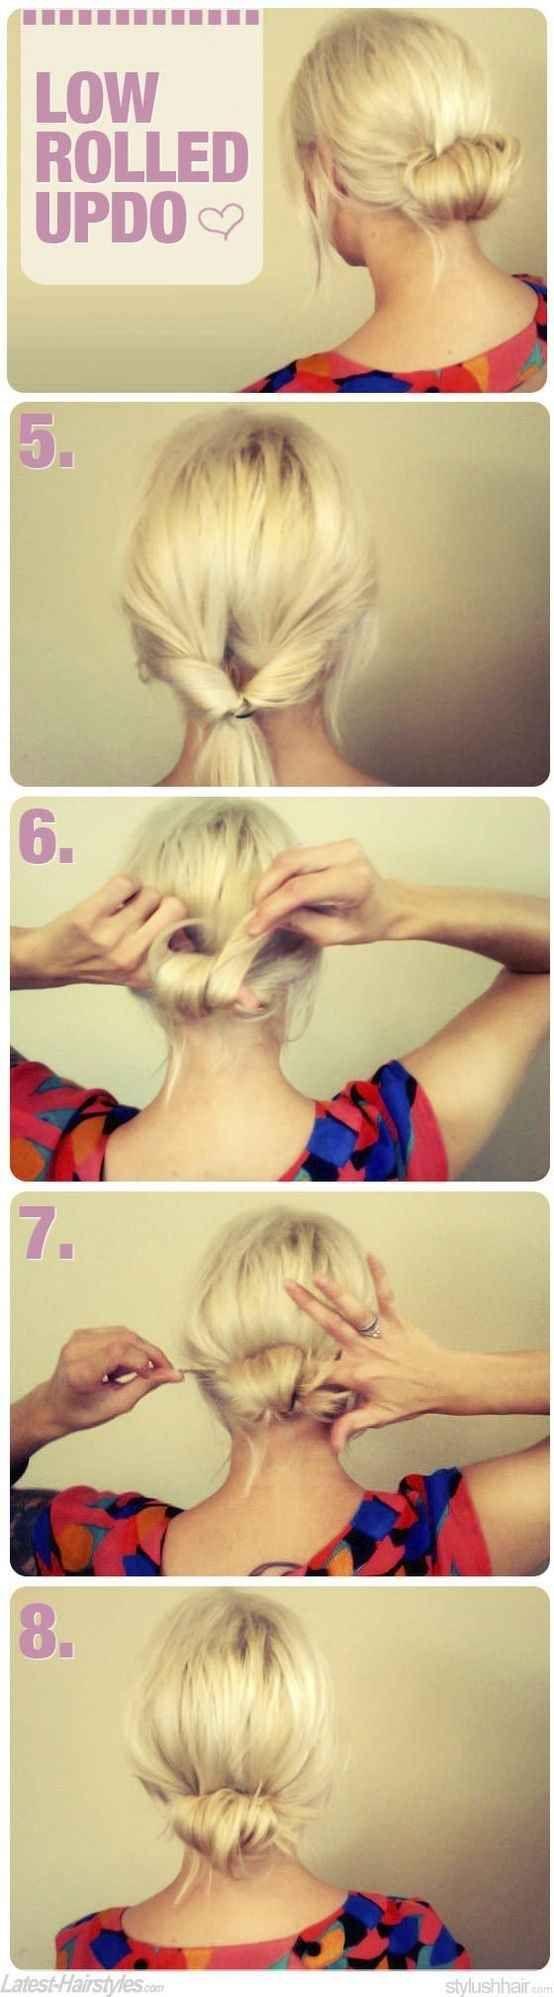 Gib Deinem Dutt einen lässig-lockeren Look, indem Du Deine Haare einrollst.